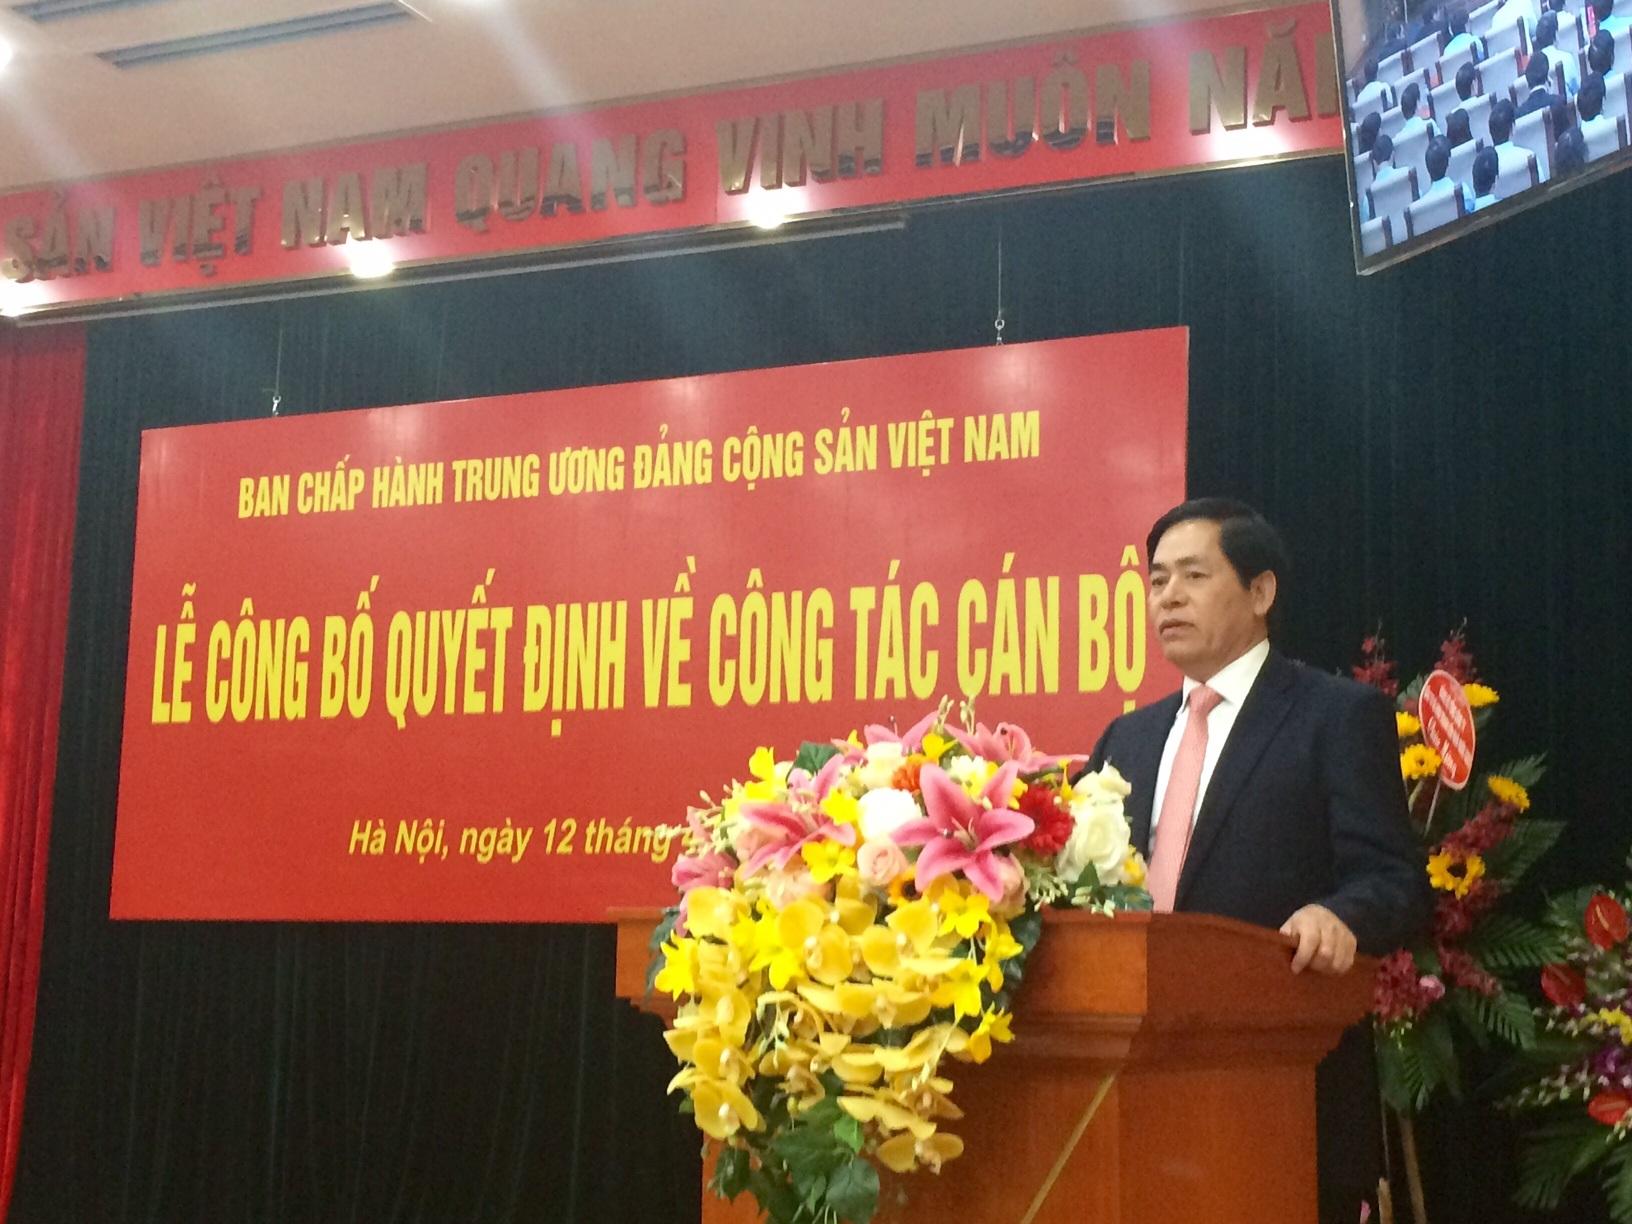 Ông Phạm Viết Thanh được phân công giữ chức Bí thư Đảng ủy Khối doanh nghiệp Trung ương (Ảnh: T.K)